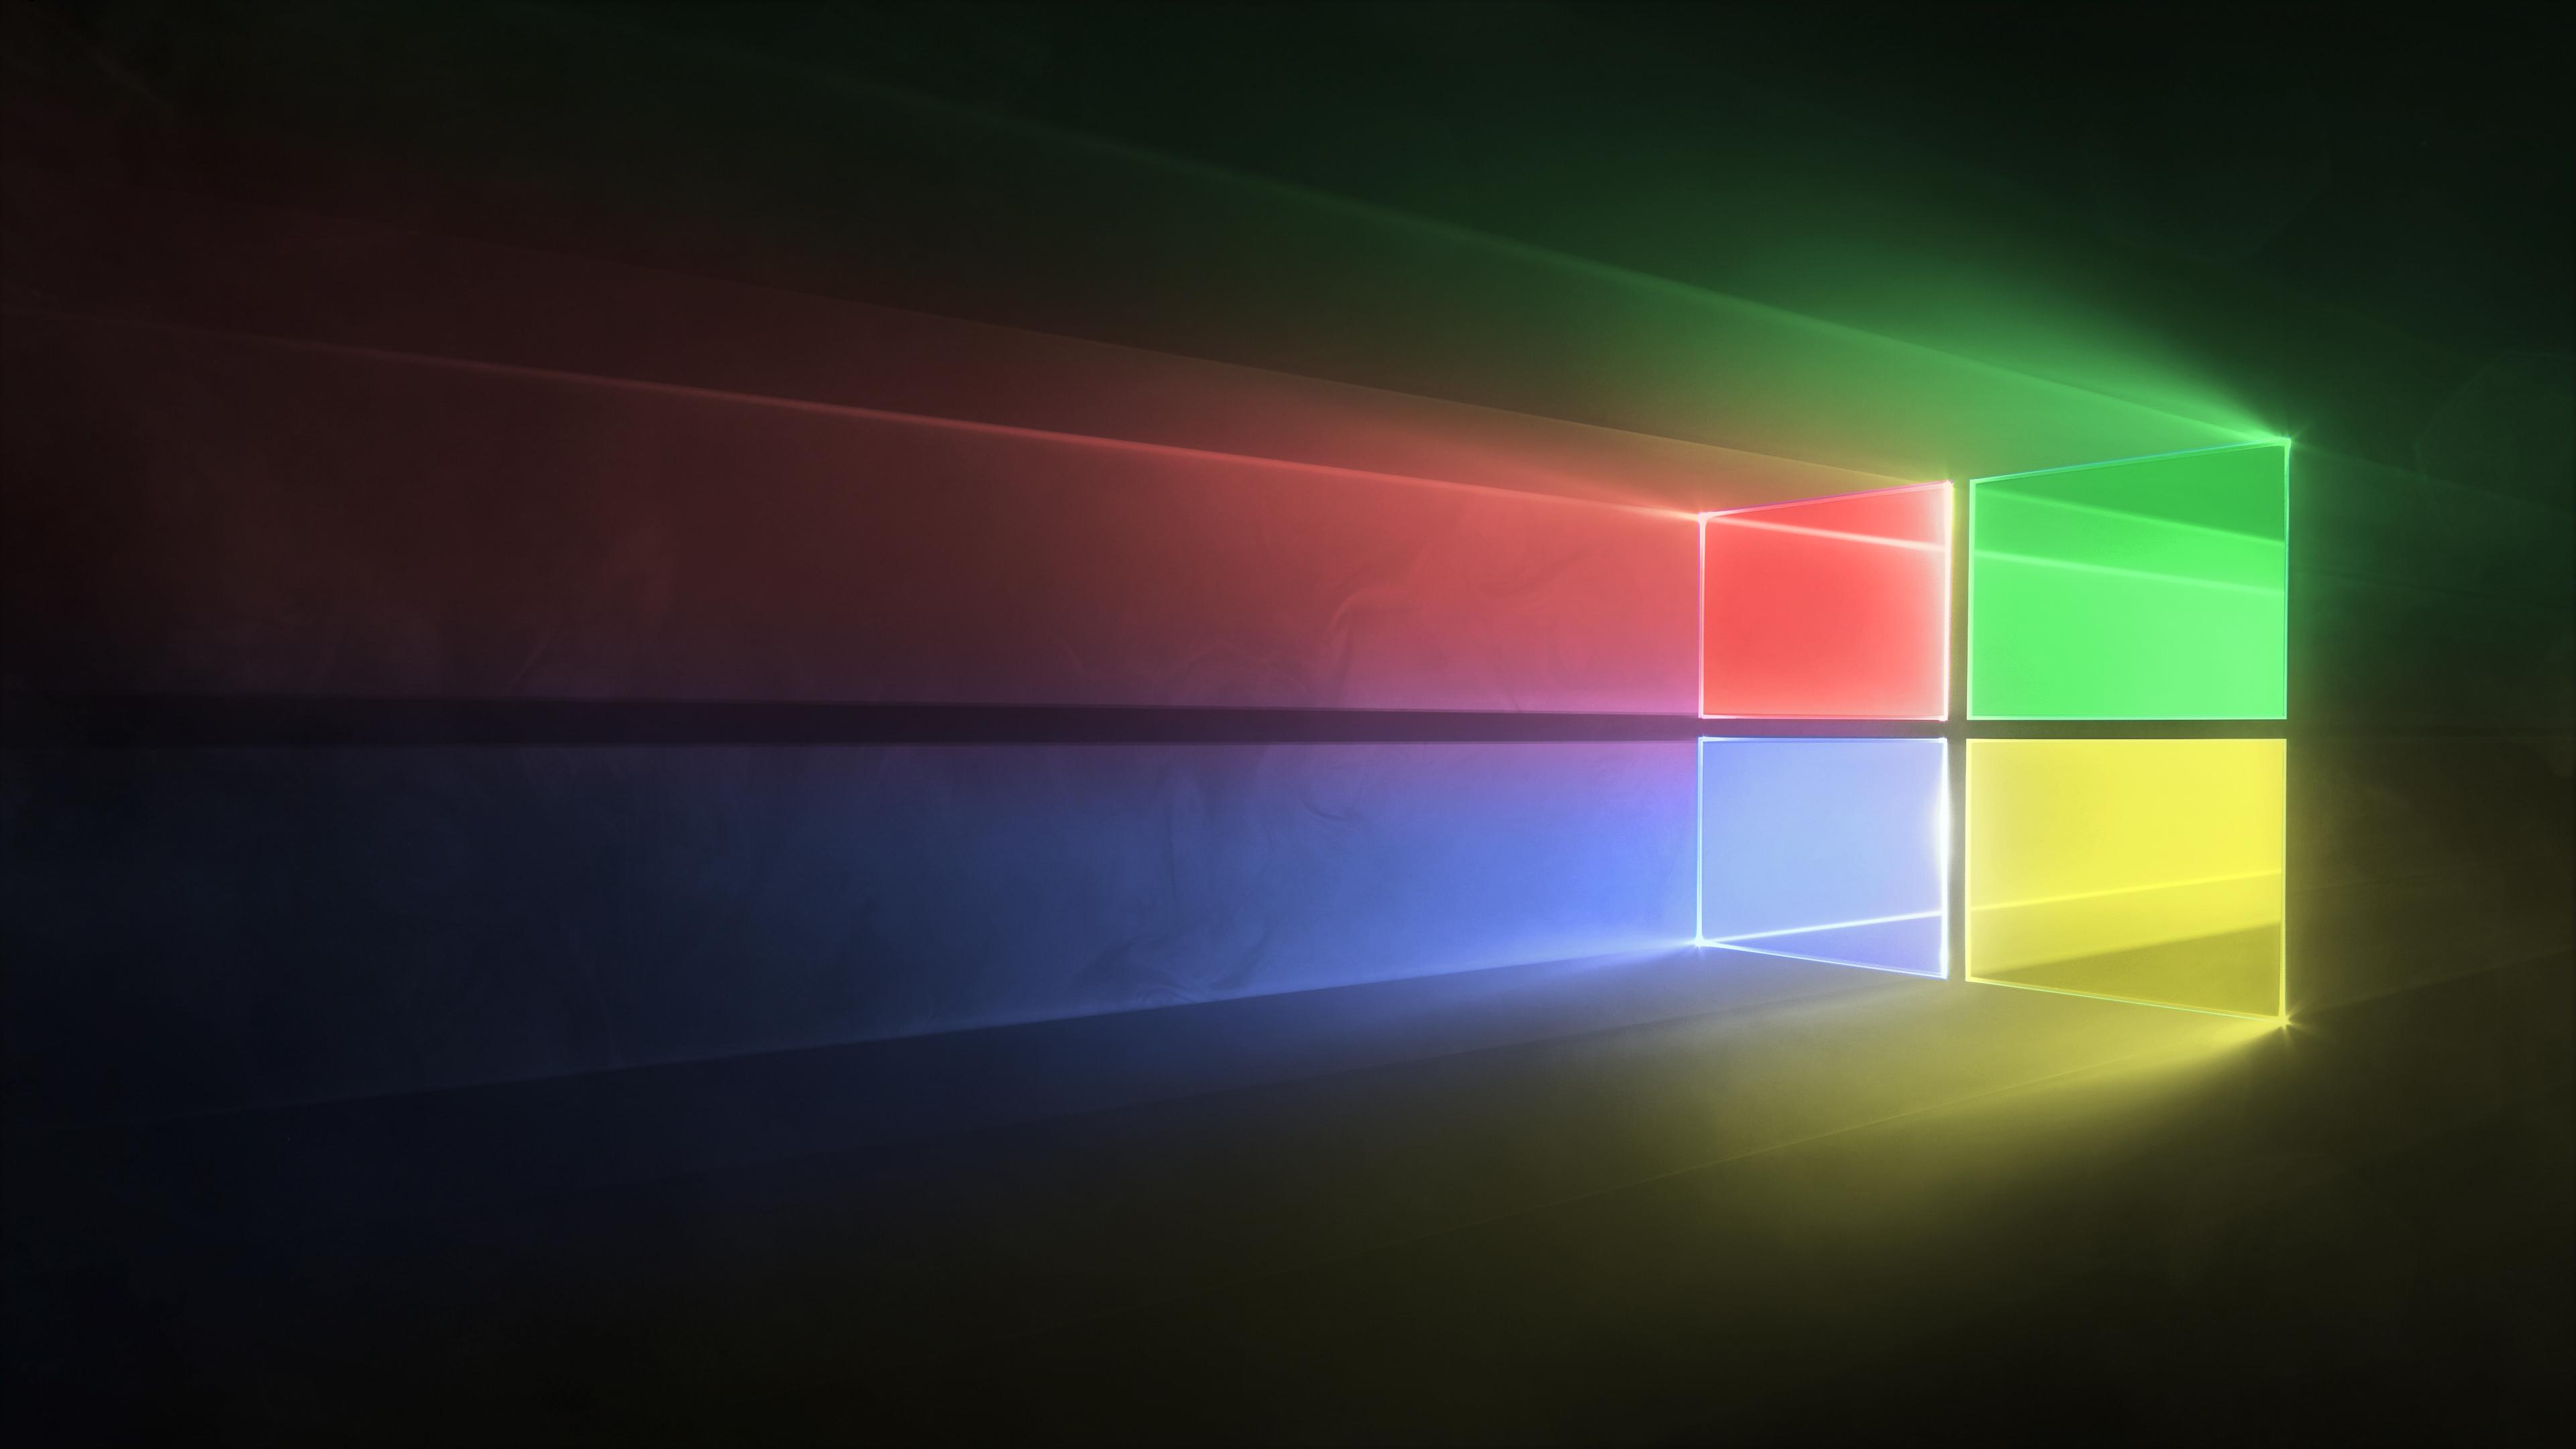 Windows 10 Wallpaper Color - HD Wallpaper